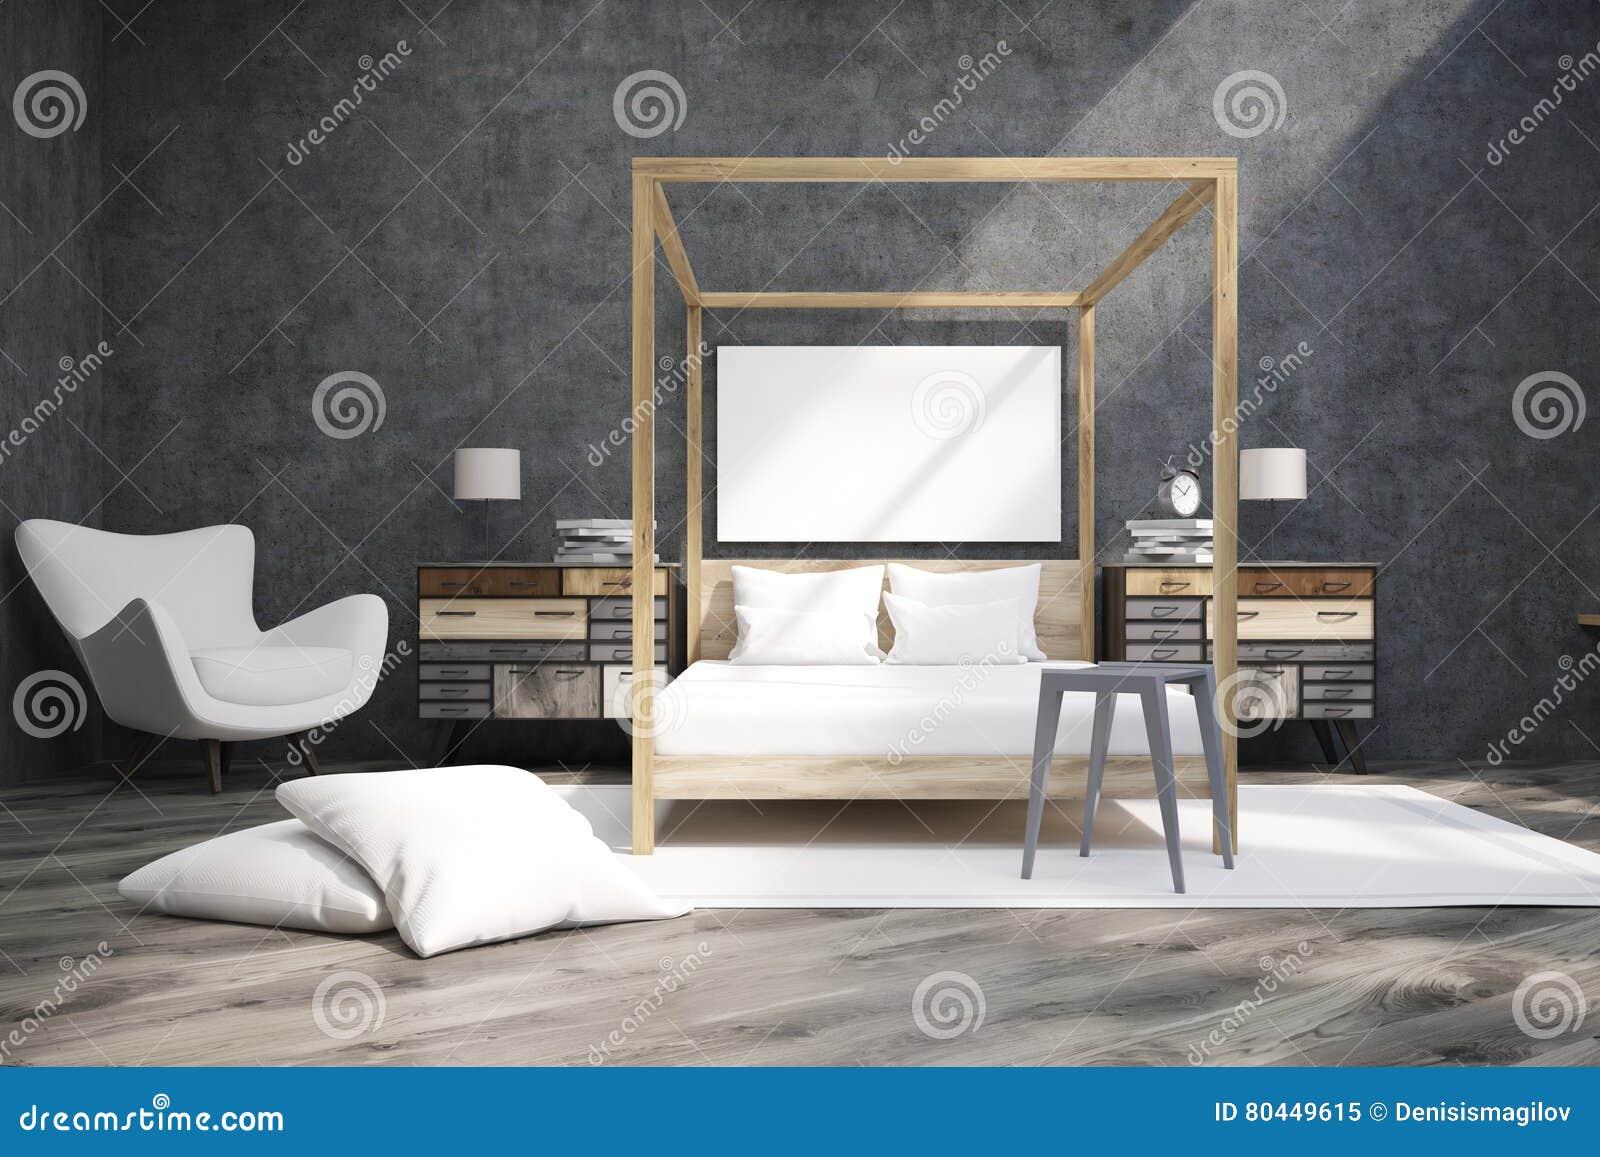 Grote Posters Slaapkamer : Slaapkamer met bed met pilaren en een affiche stock illustratie